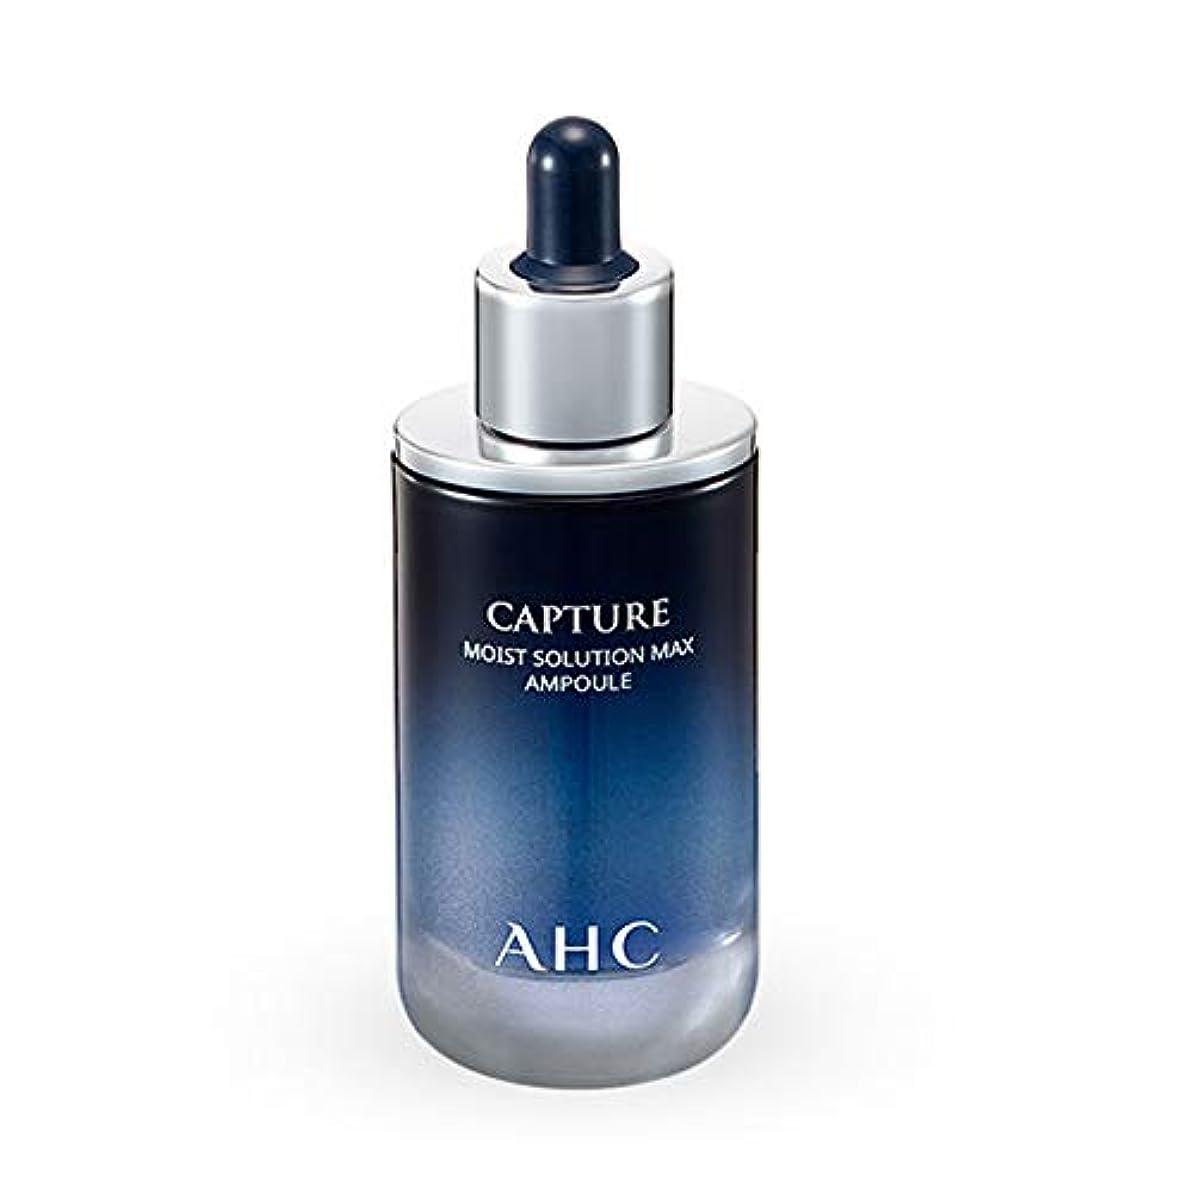 クリエイティブブリリアント計器AHC(エーエイチシー) キャプチャーモイスト ソリューションマックスアンプル50ml2本セット